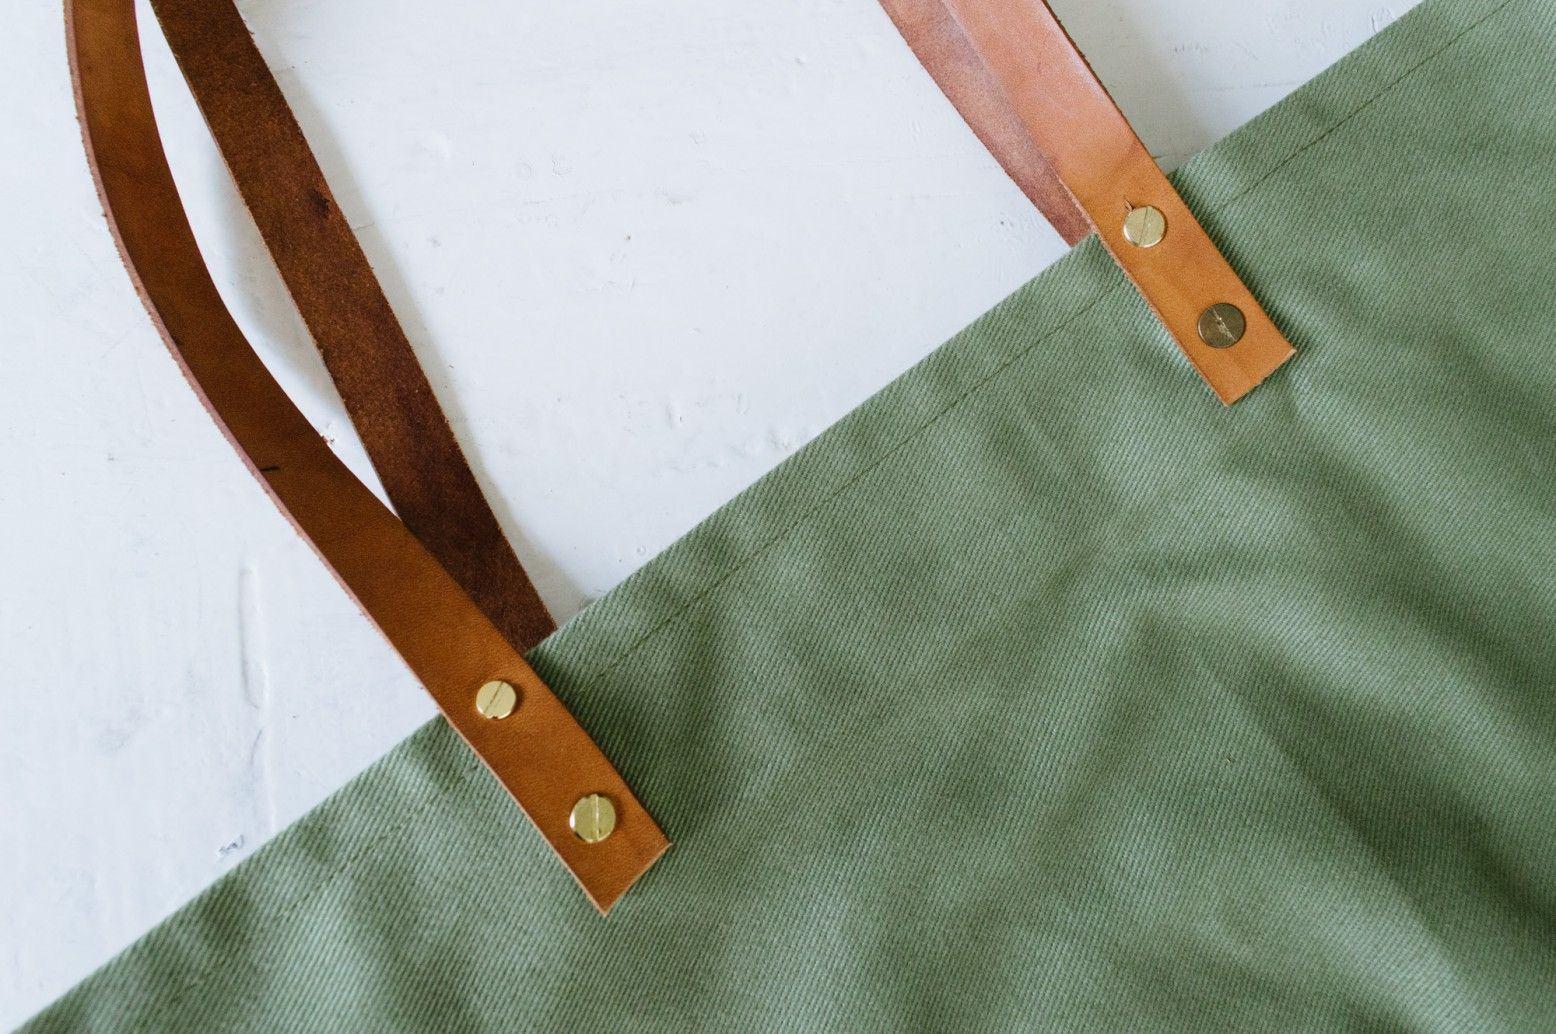 Các thao tác gắn dây cho túi tote (Nguồn: Internet)